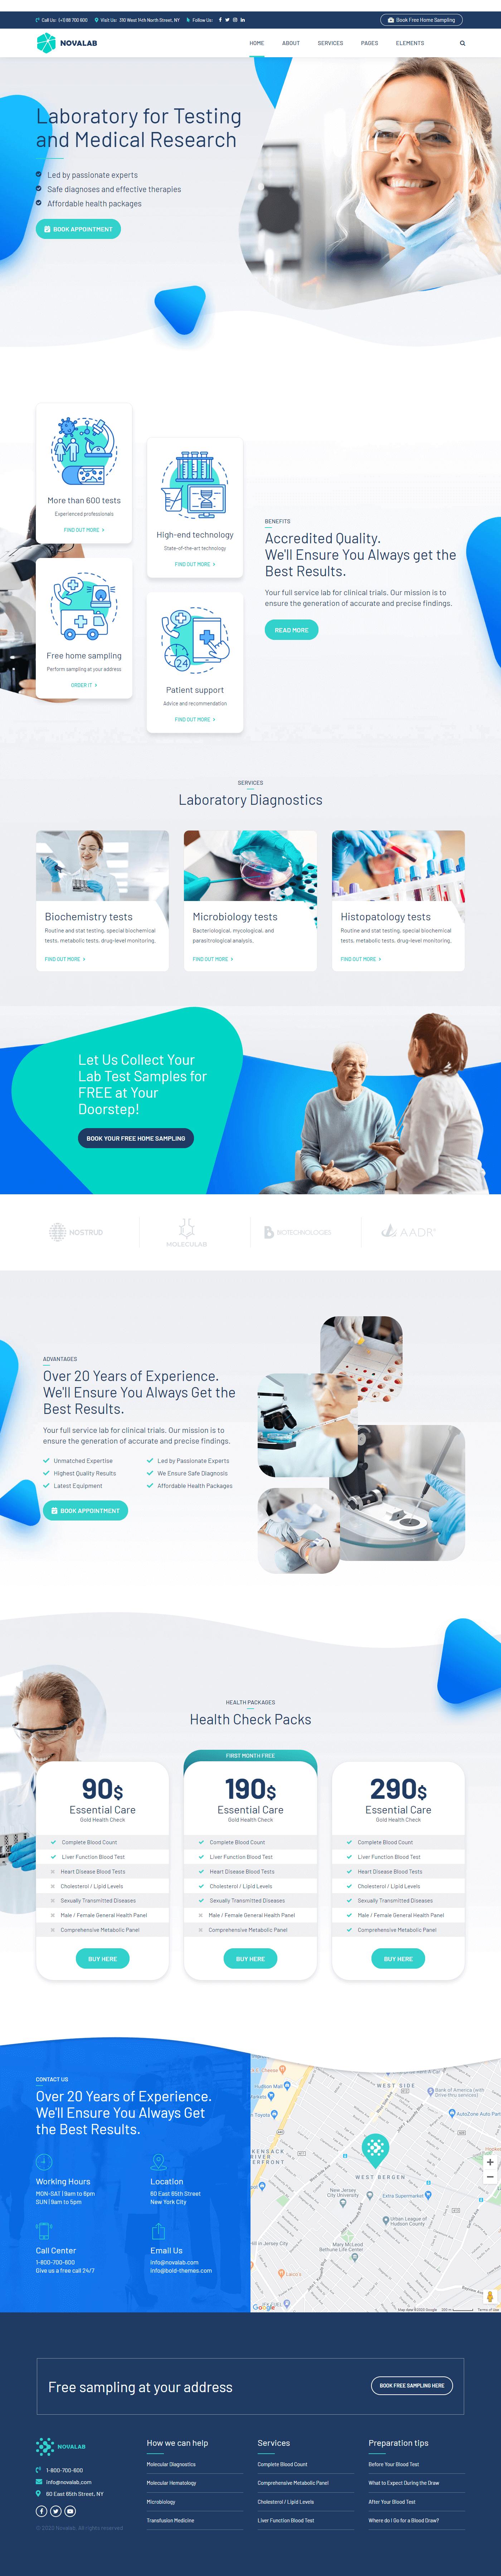 https://www.ellegimedical.it/wp-content/uploads/2020/05/Demo-01-–-Novalab-Demo.png